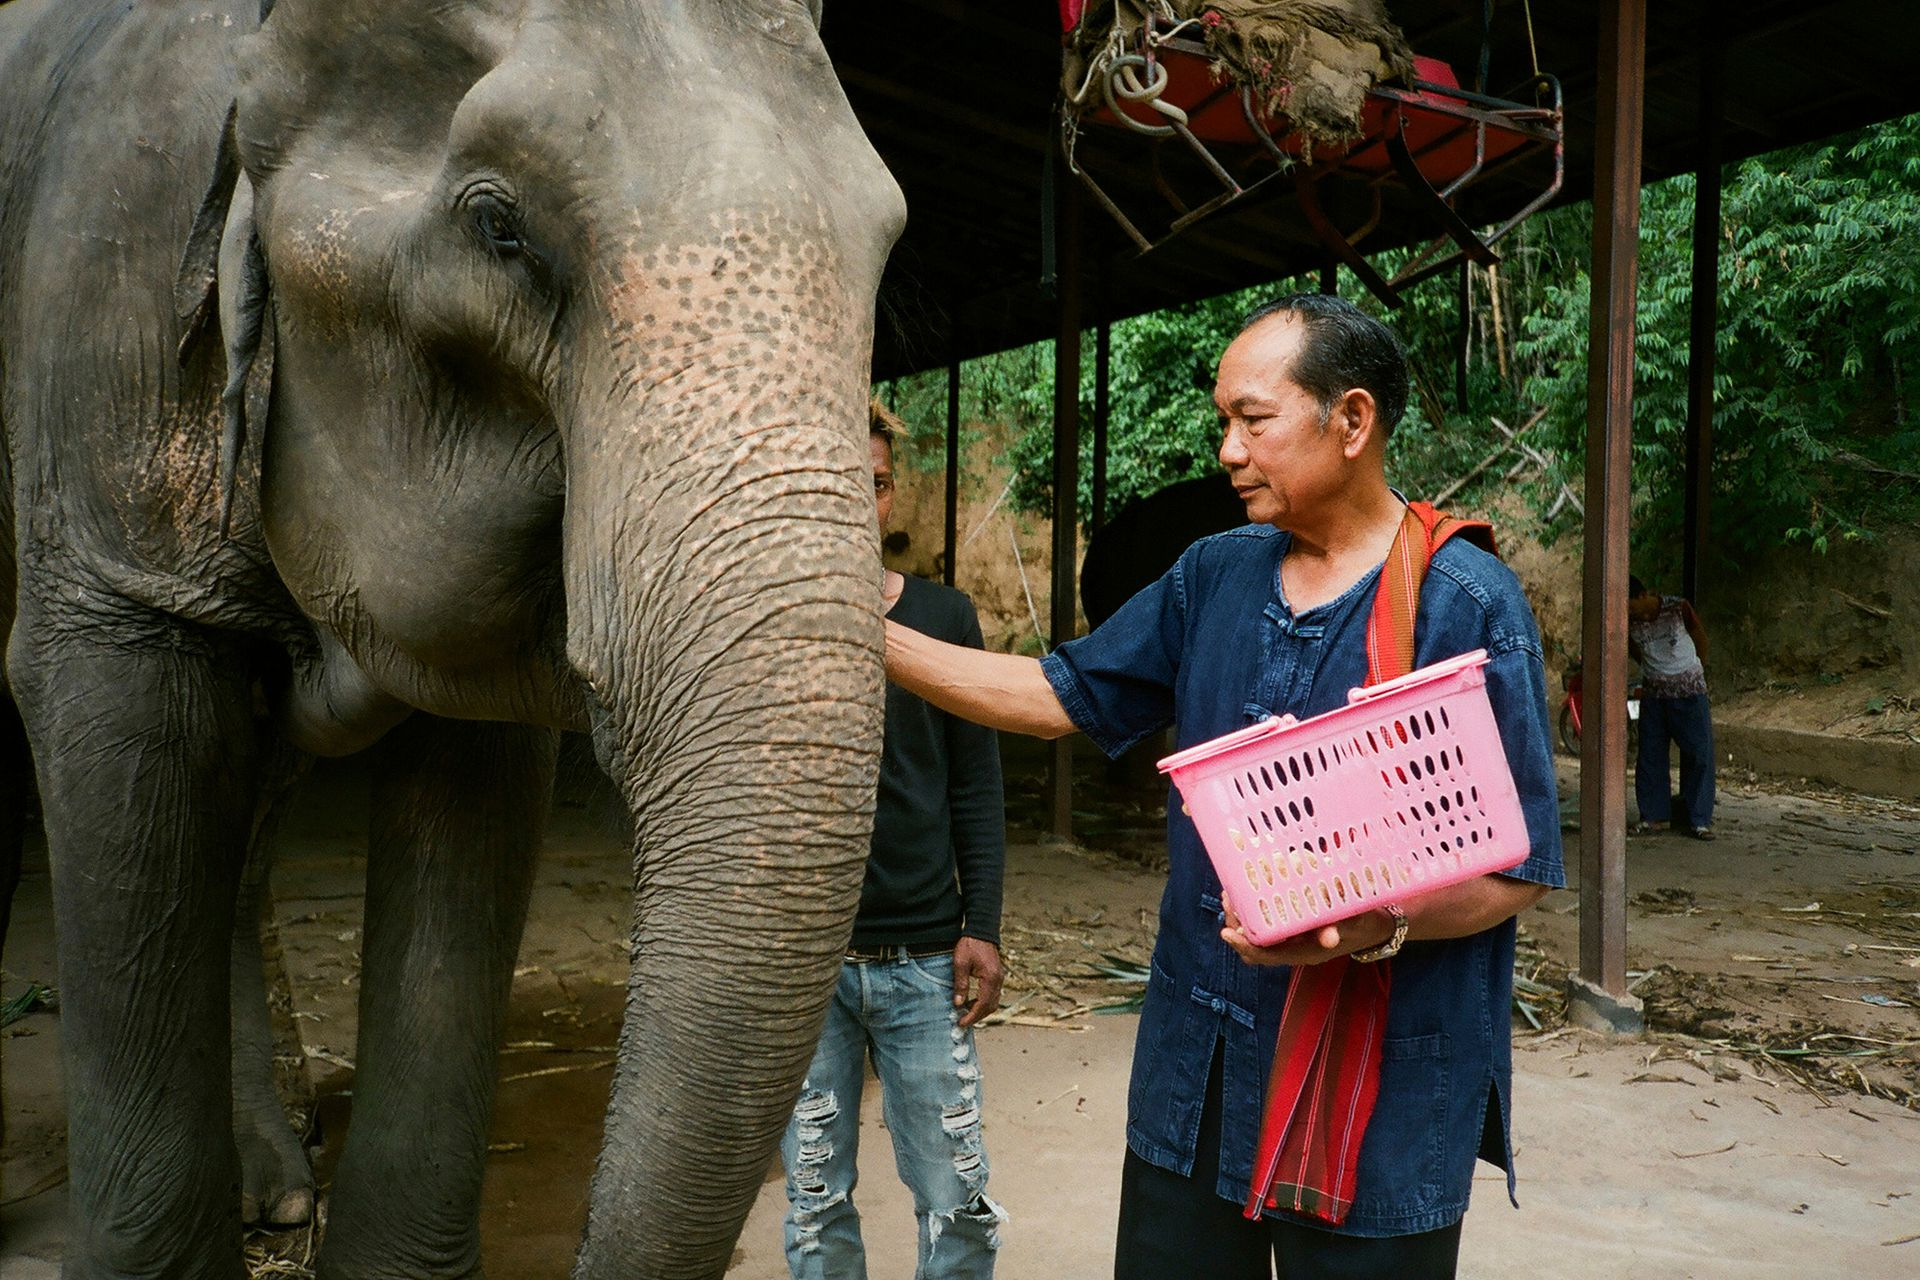 Algunas negociaciones con los dueños de elefantes para que los liberen pueden tardar más de 10 años